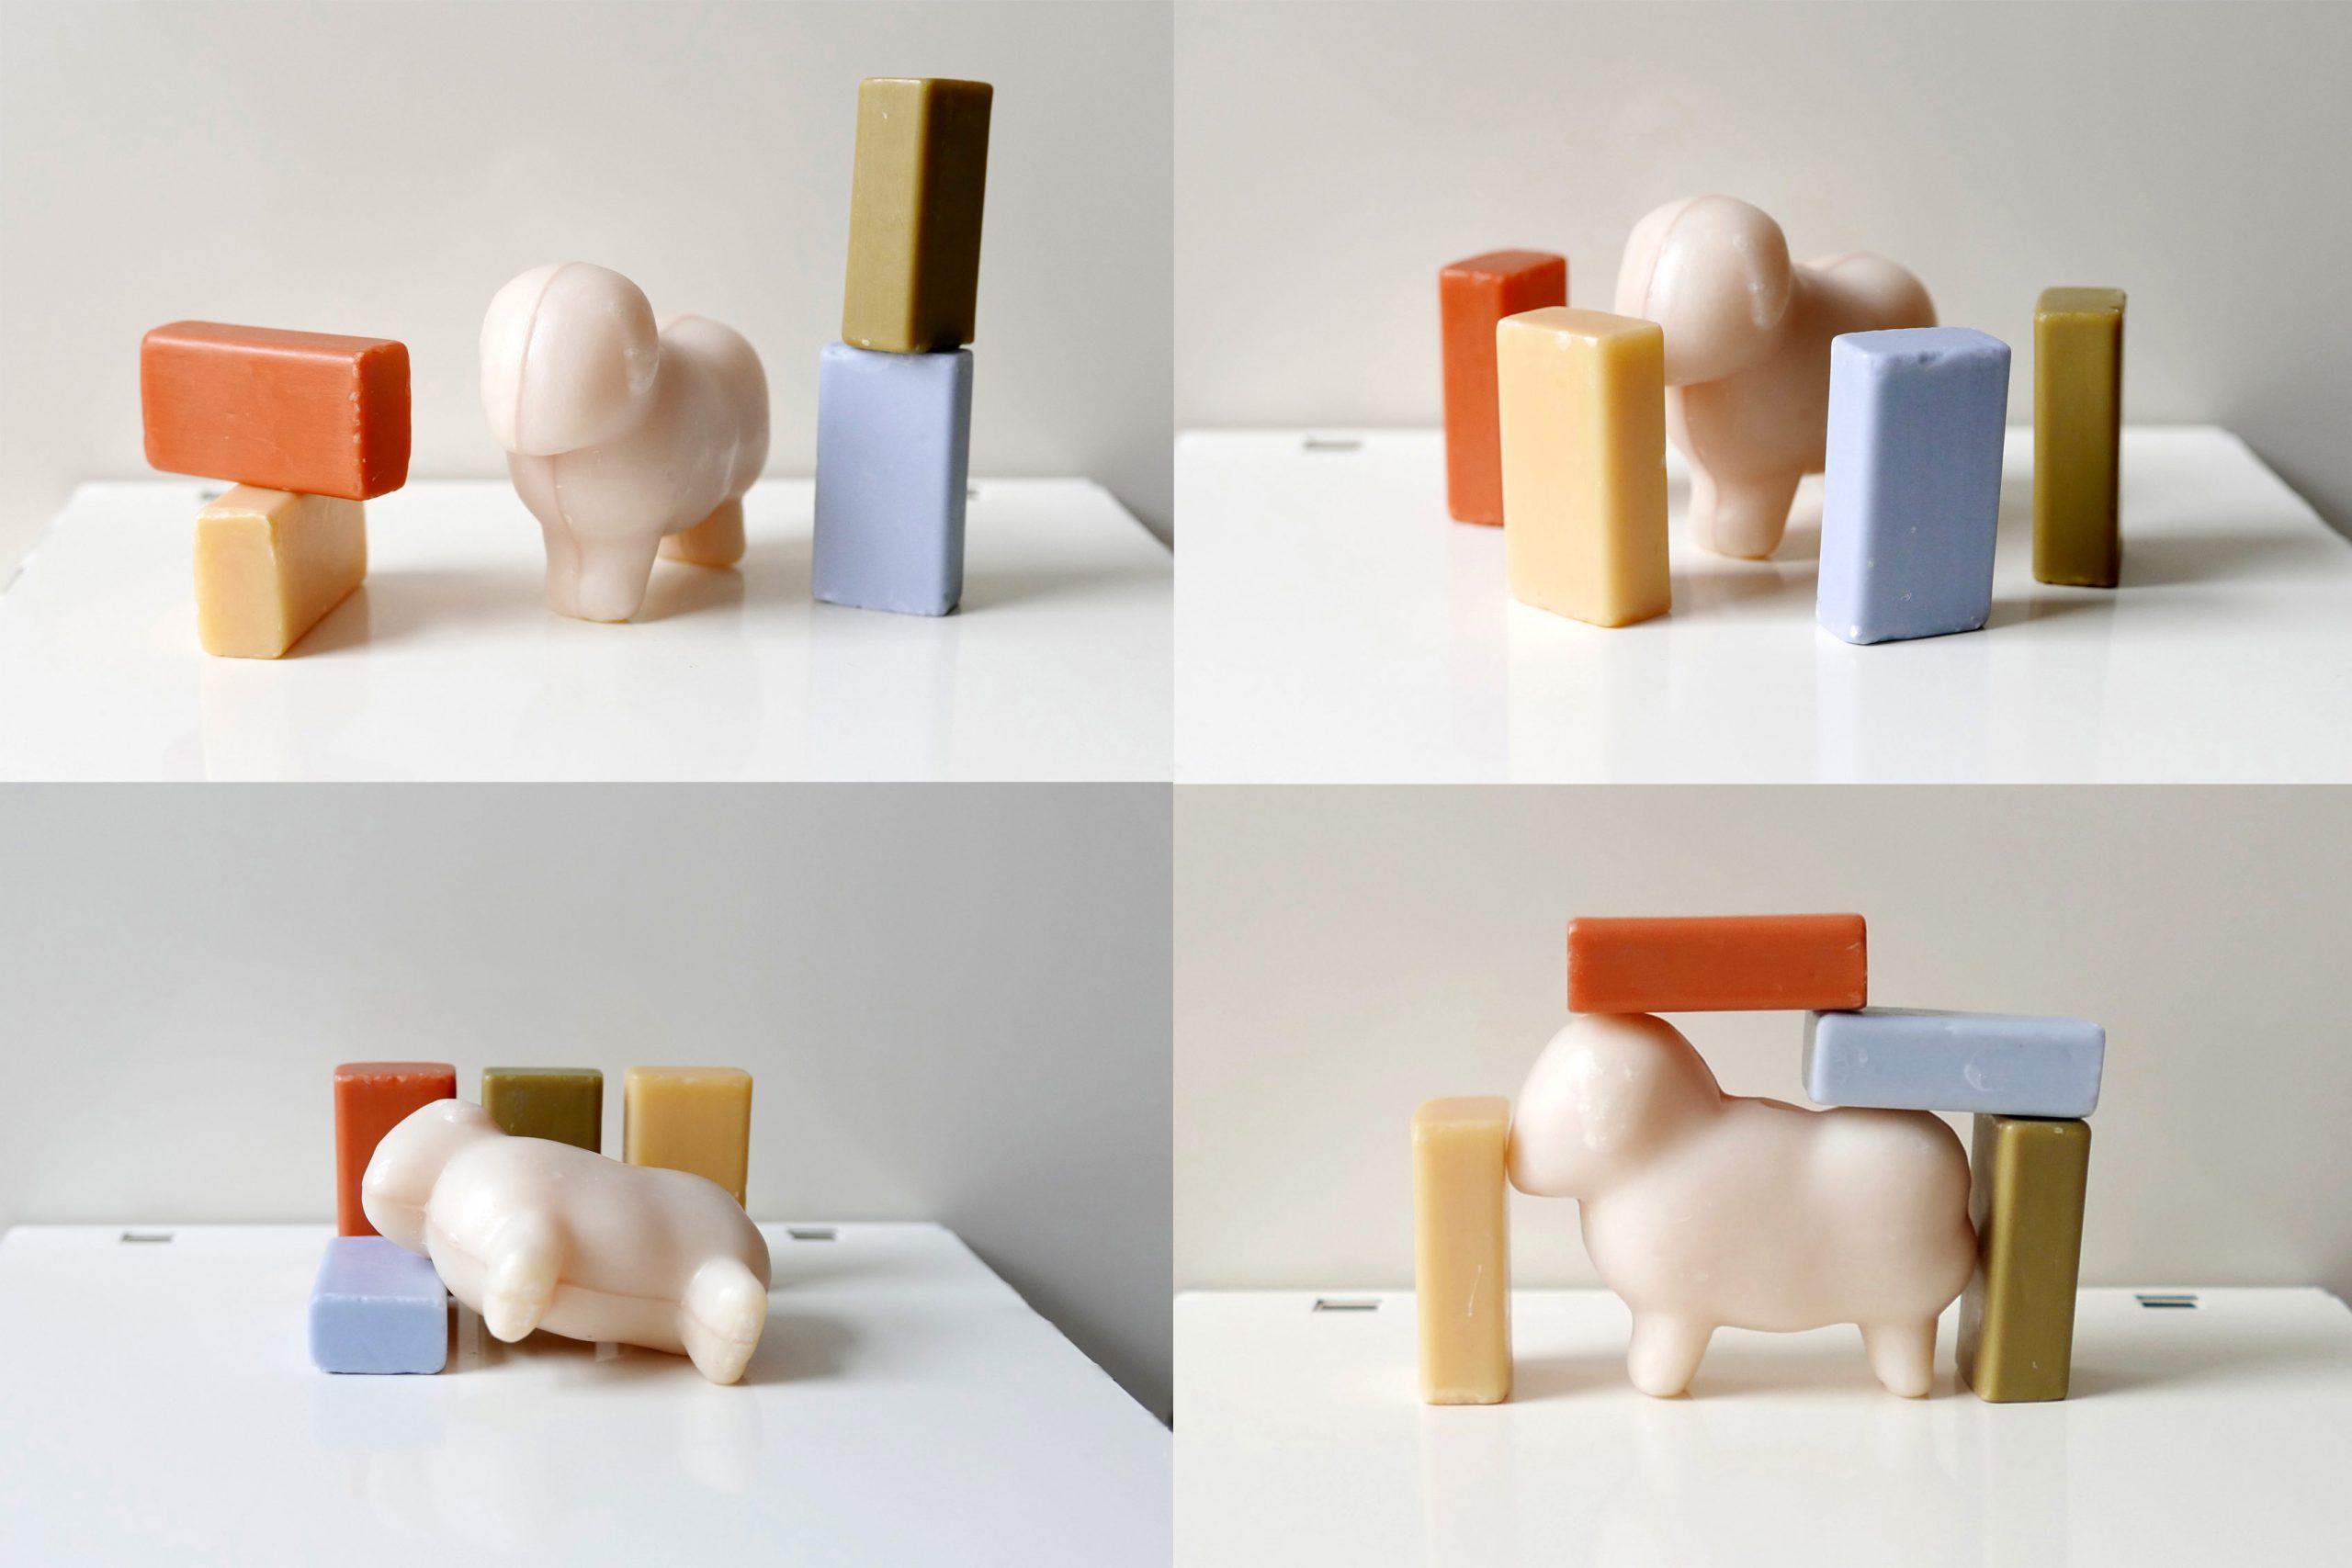 Schafsmilchseifen in vierer Bildern wo jeweils ein Stilleben abgebildet wird